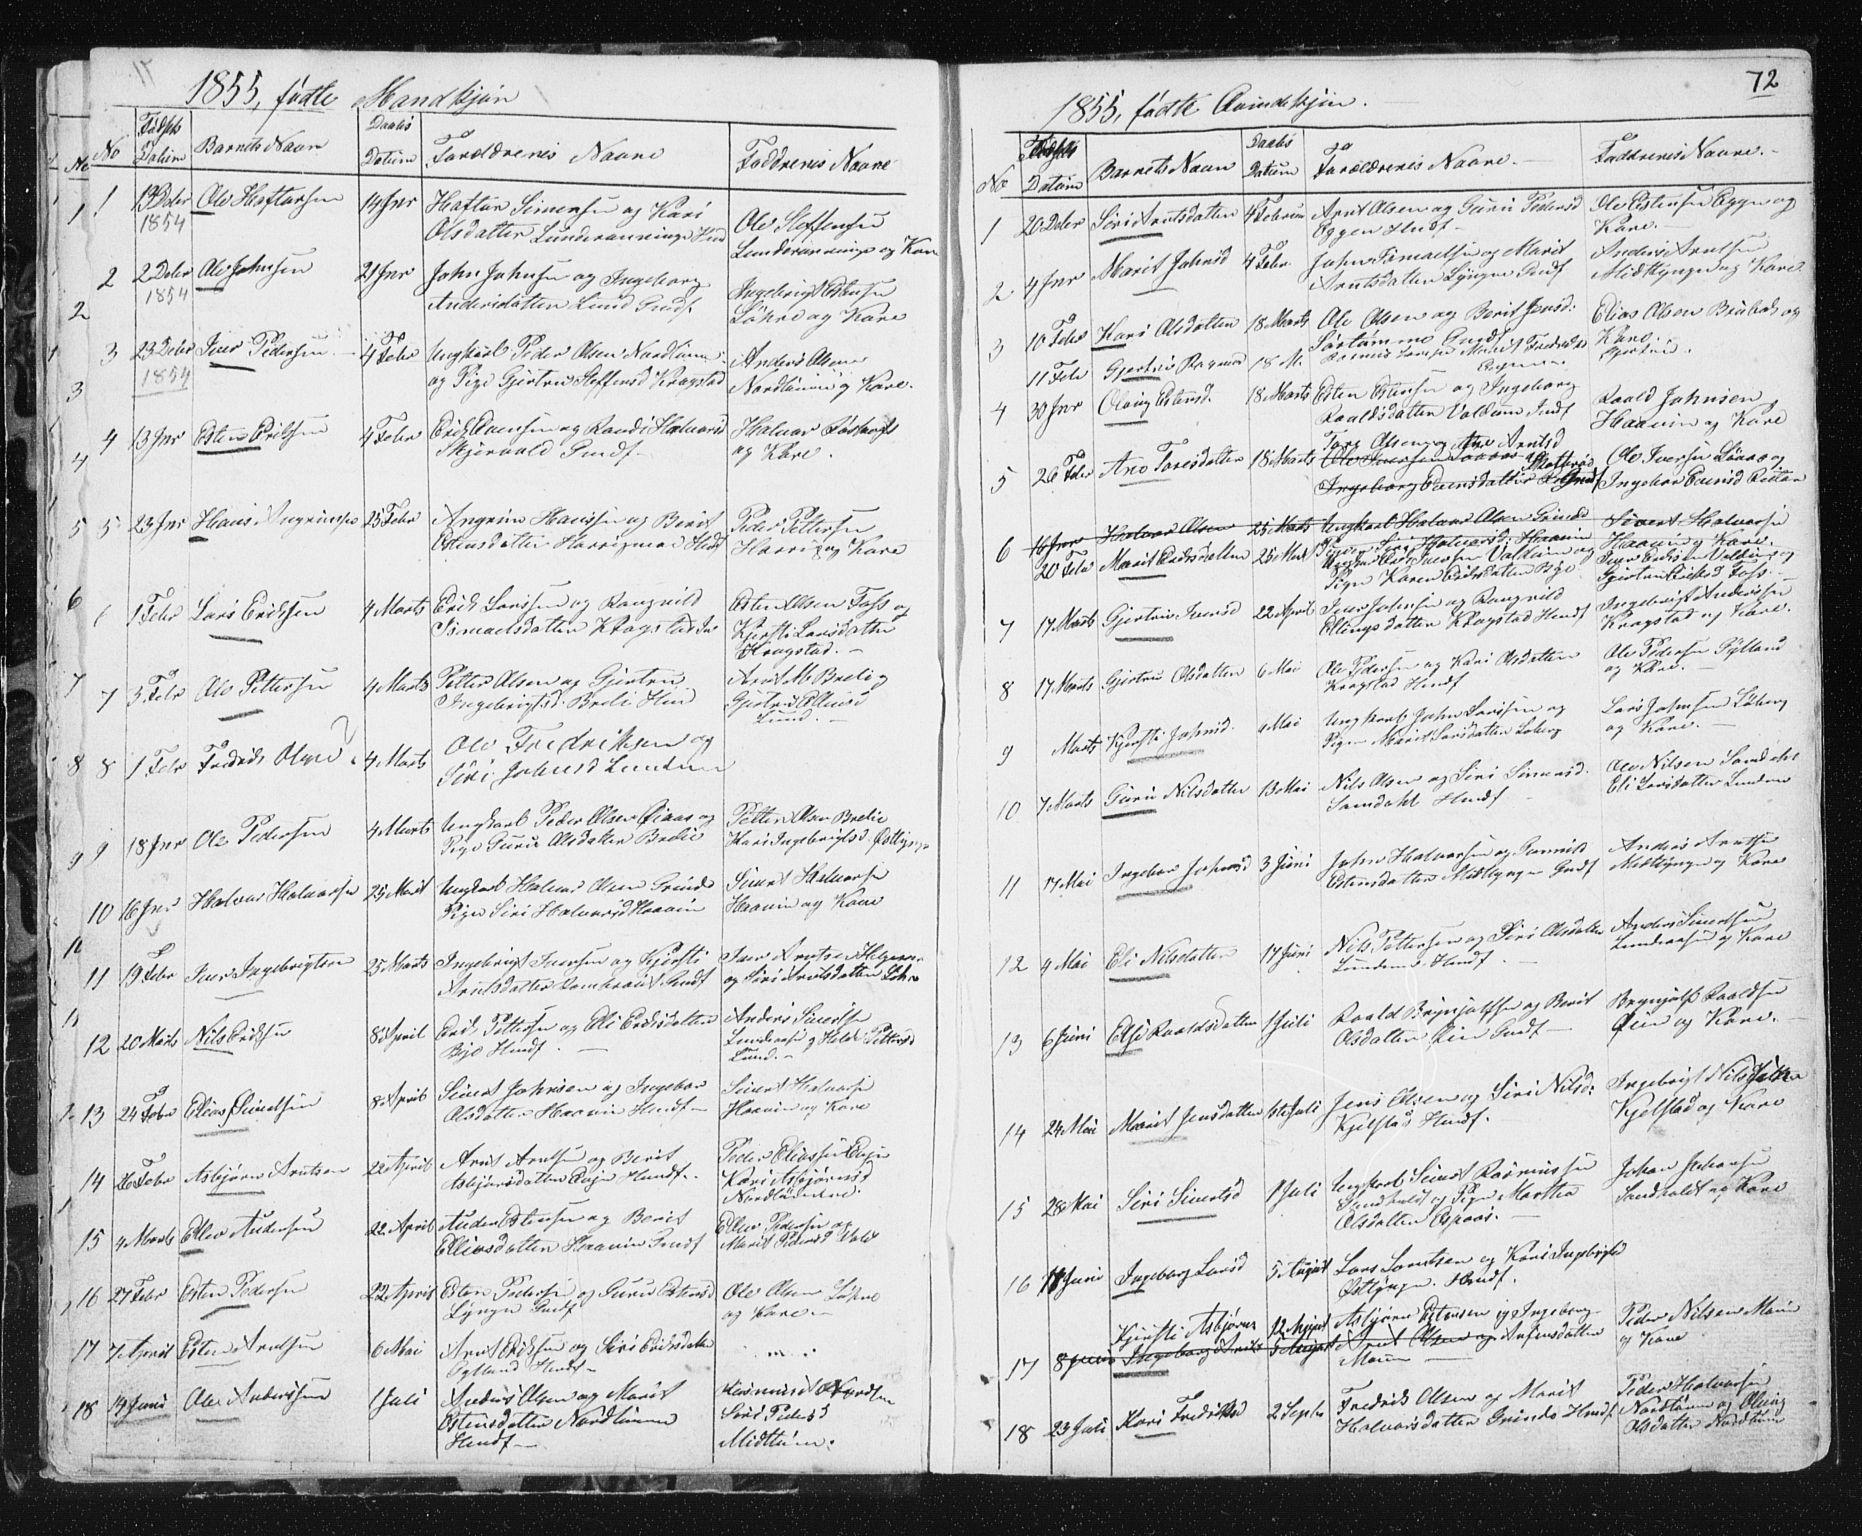 SAT, Ministerialprotokoller, klokkerbøker og fødselsregistre - Sør-Trøndelag, 692/L1110: Klokkerbok nr. 692C05, 1849-1889, s. 72